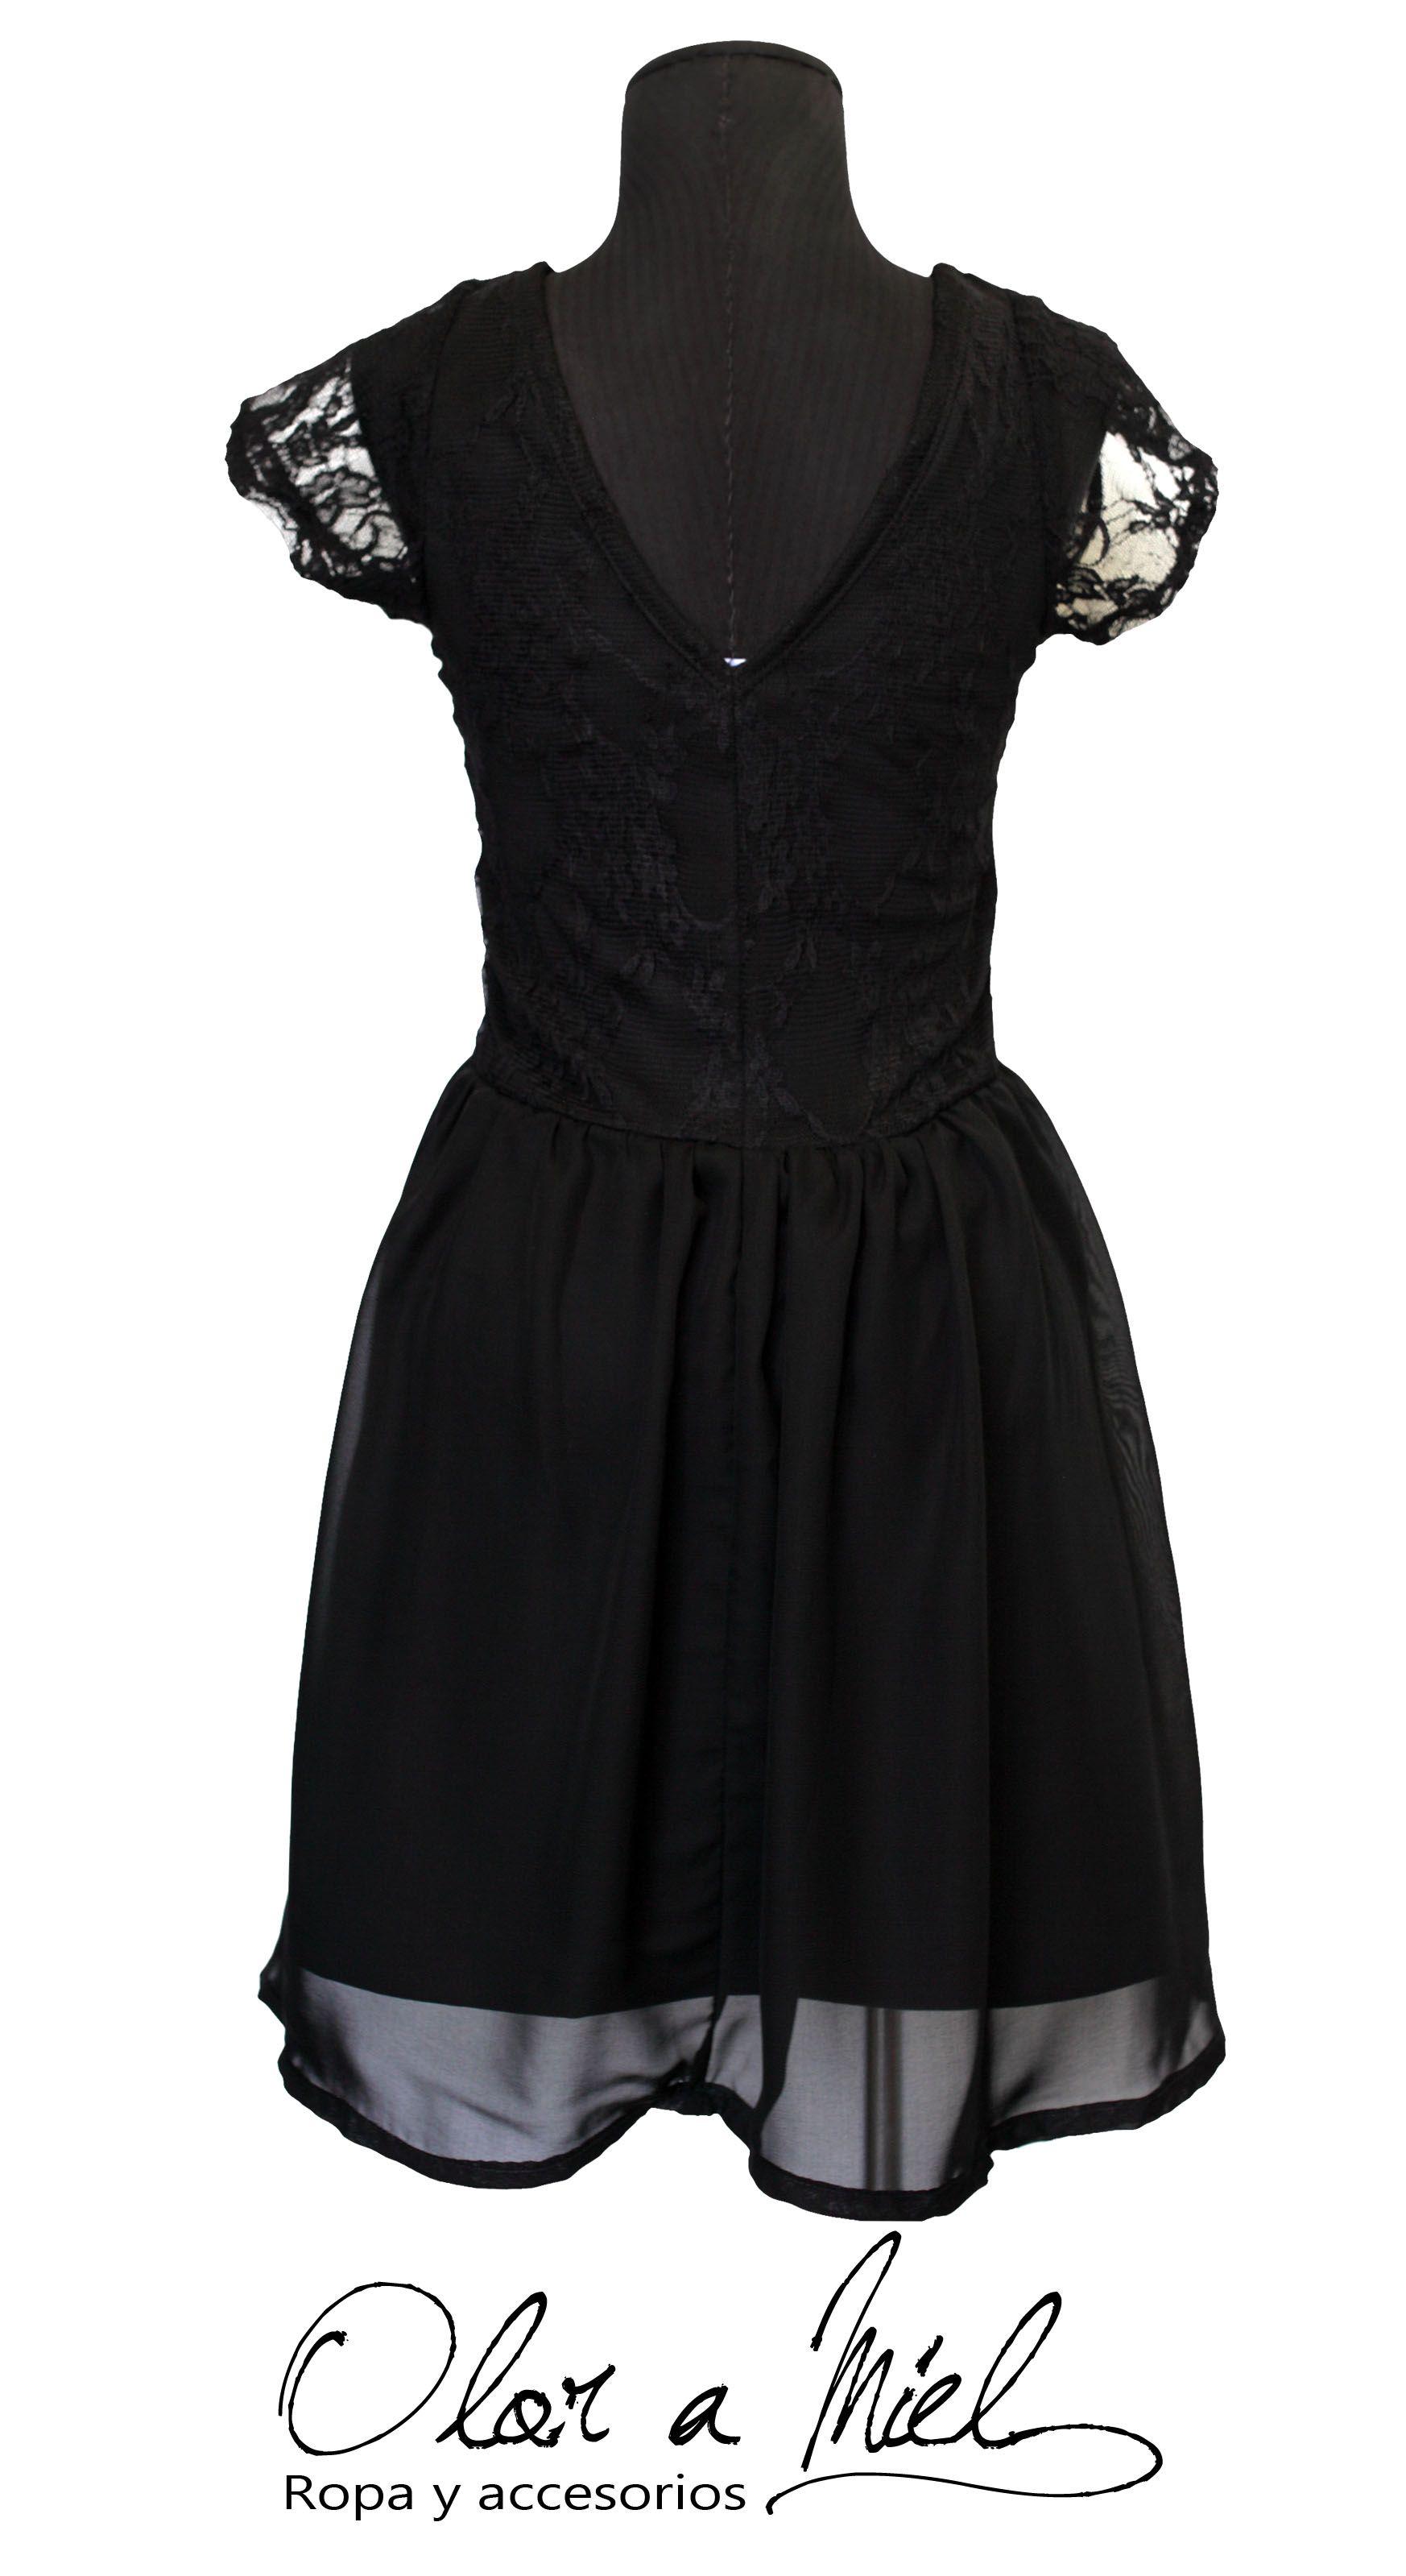 Vestido Olor a Miel. Parte superior con encaje color negro . 9d9efd01b77b